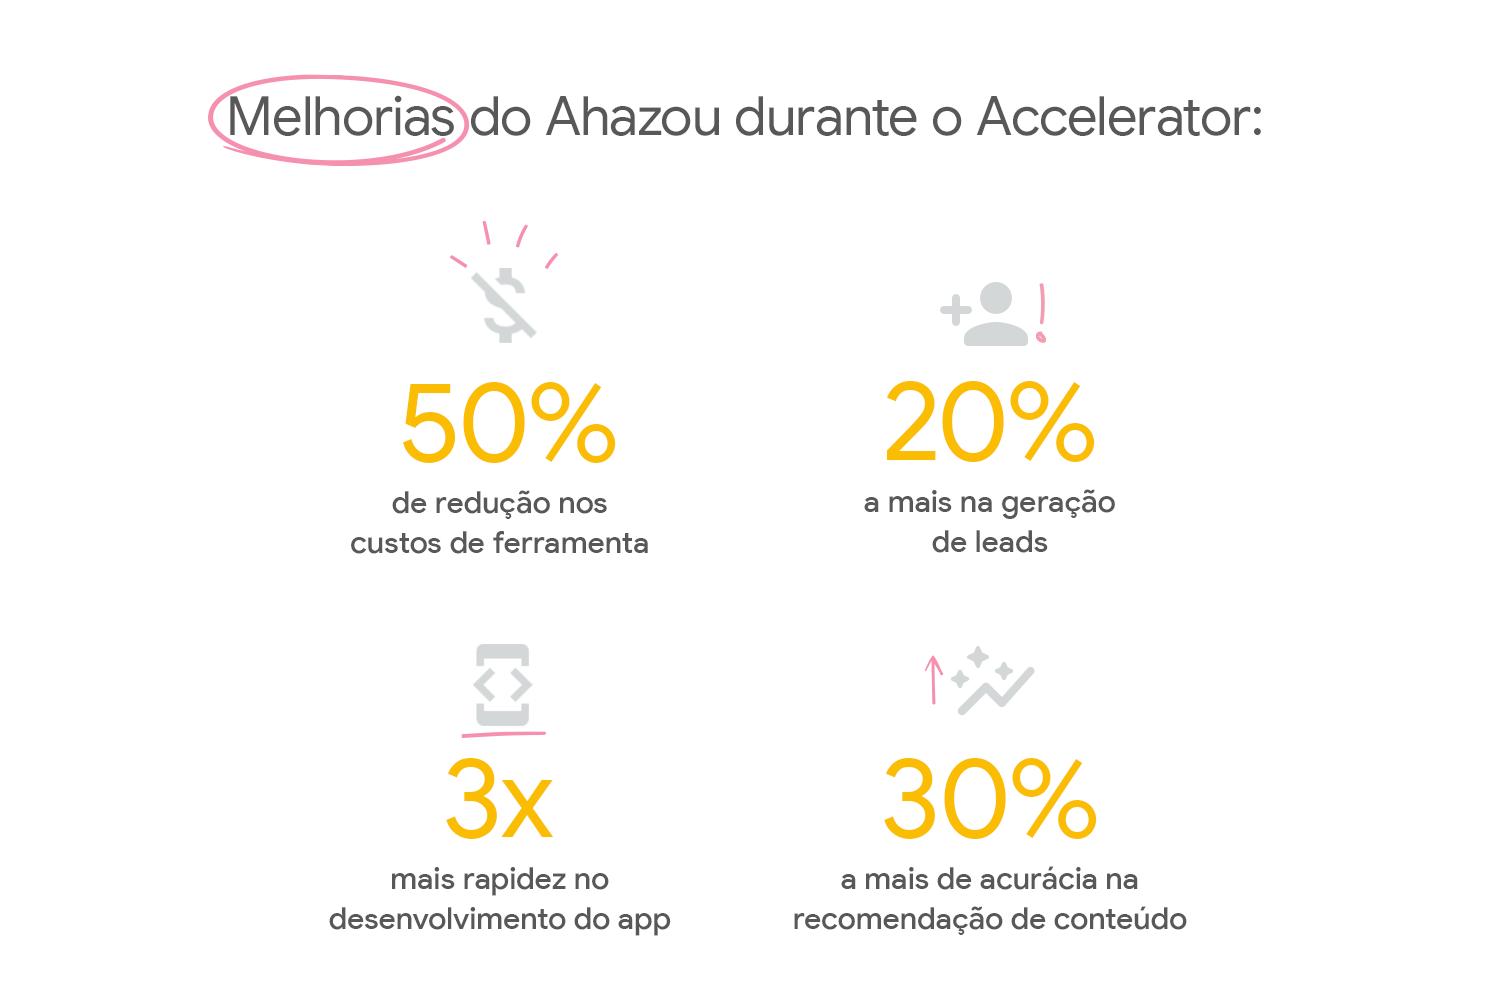 Conquistas do Ahazou no Google for Startups Accelerator.